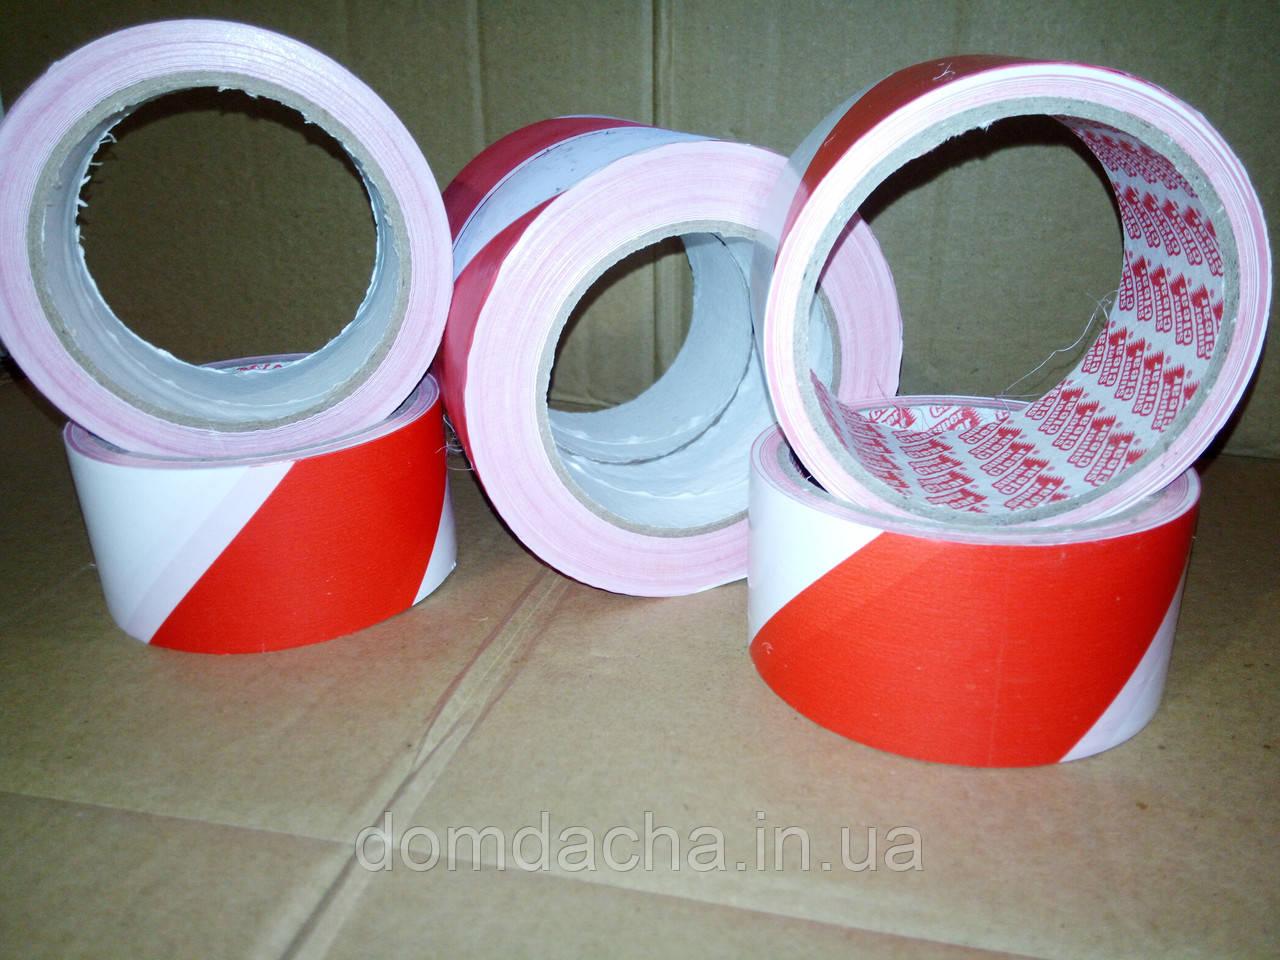 Огороджувальна стрічка сигнальна червоно-біла, 150м